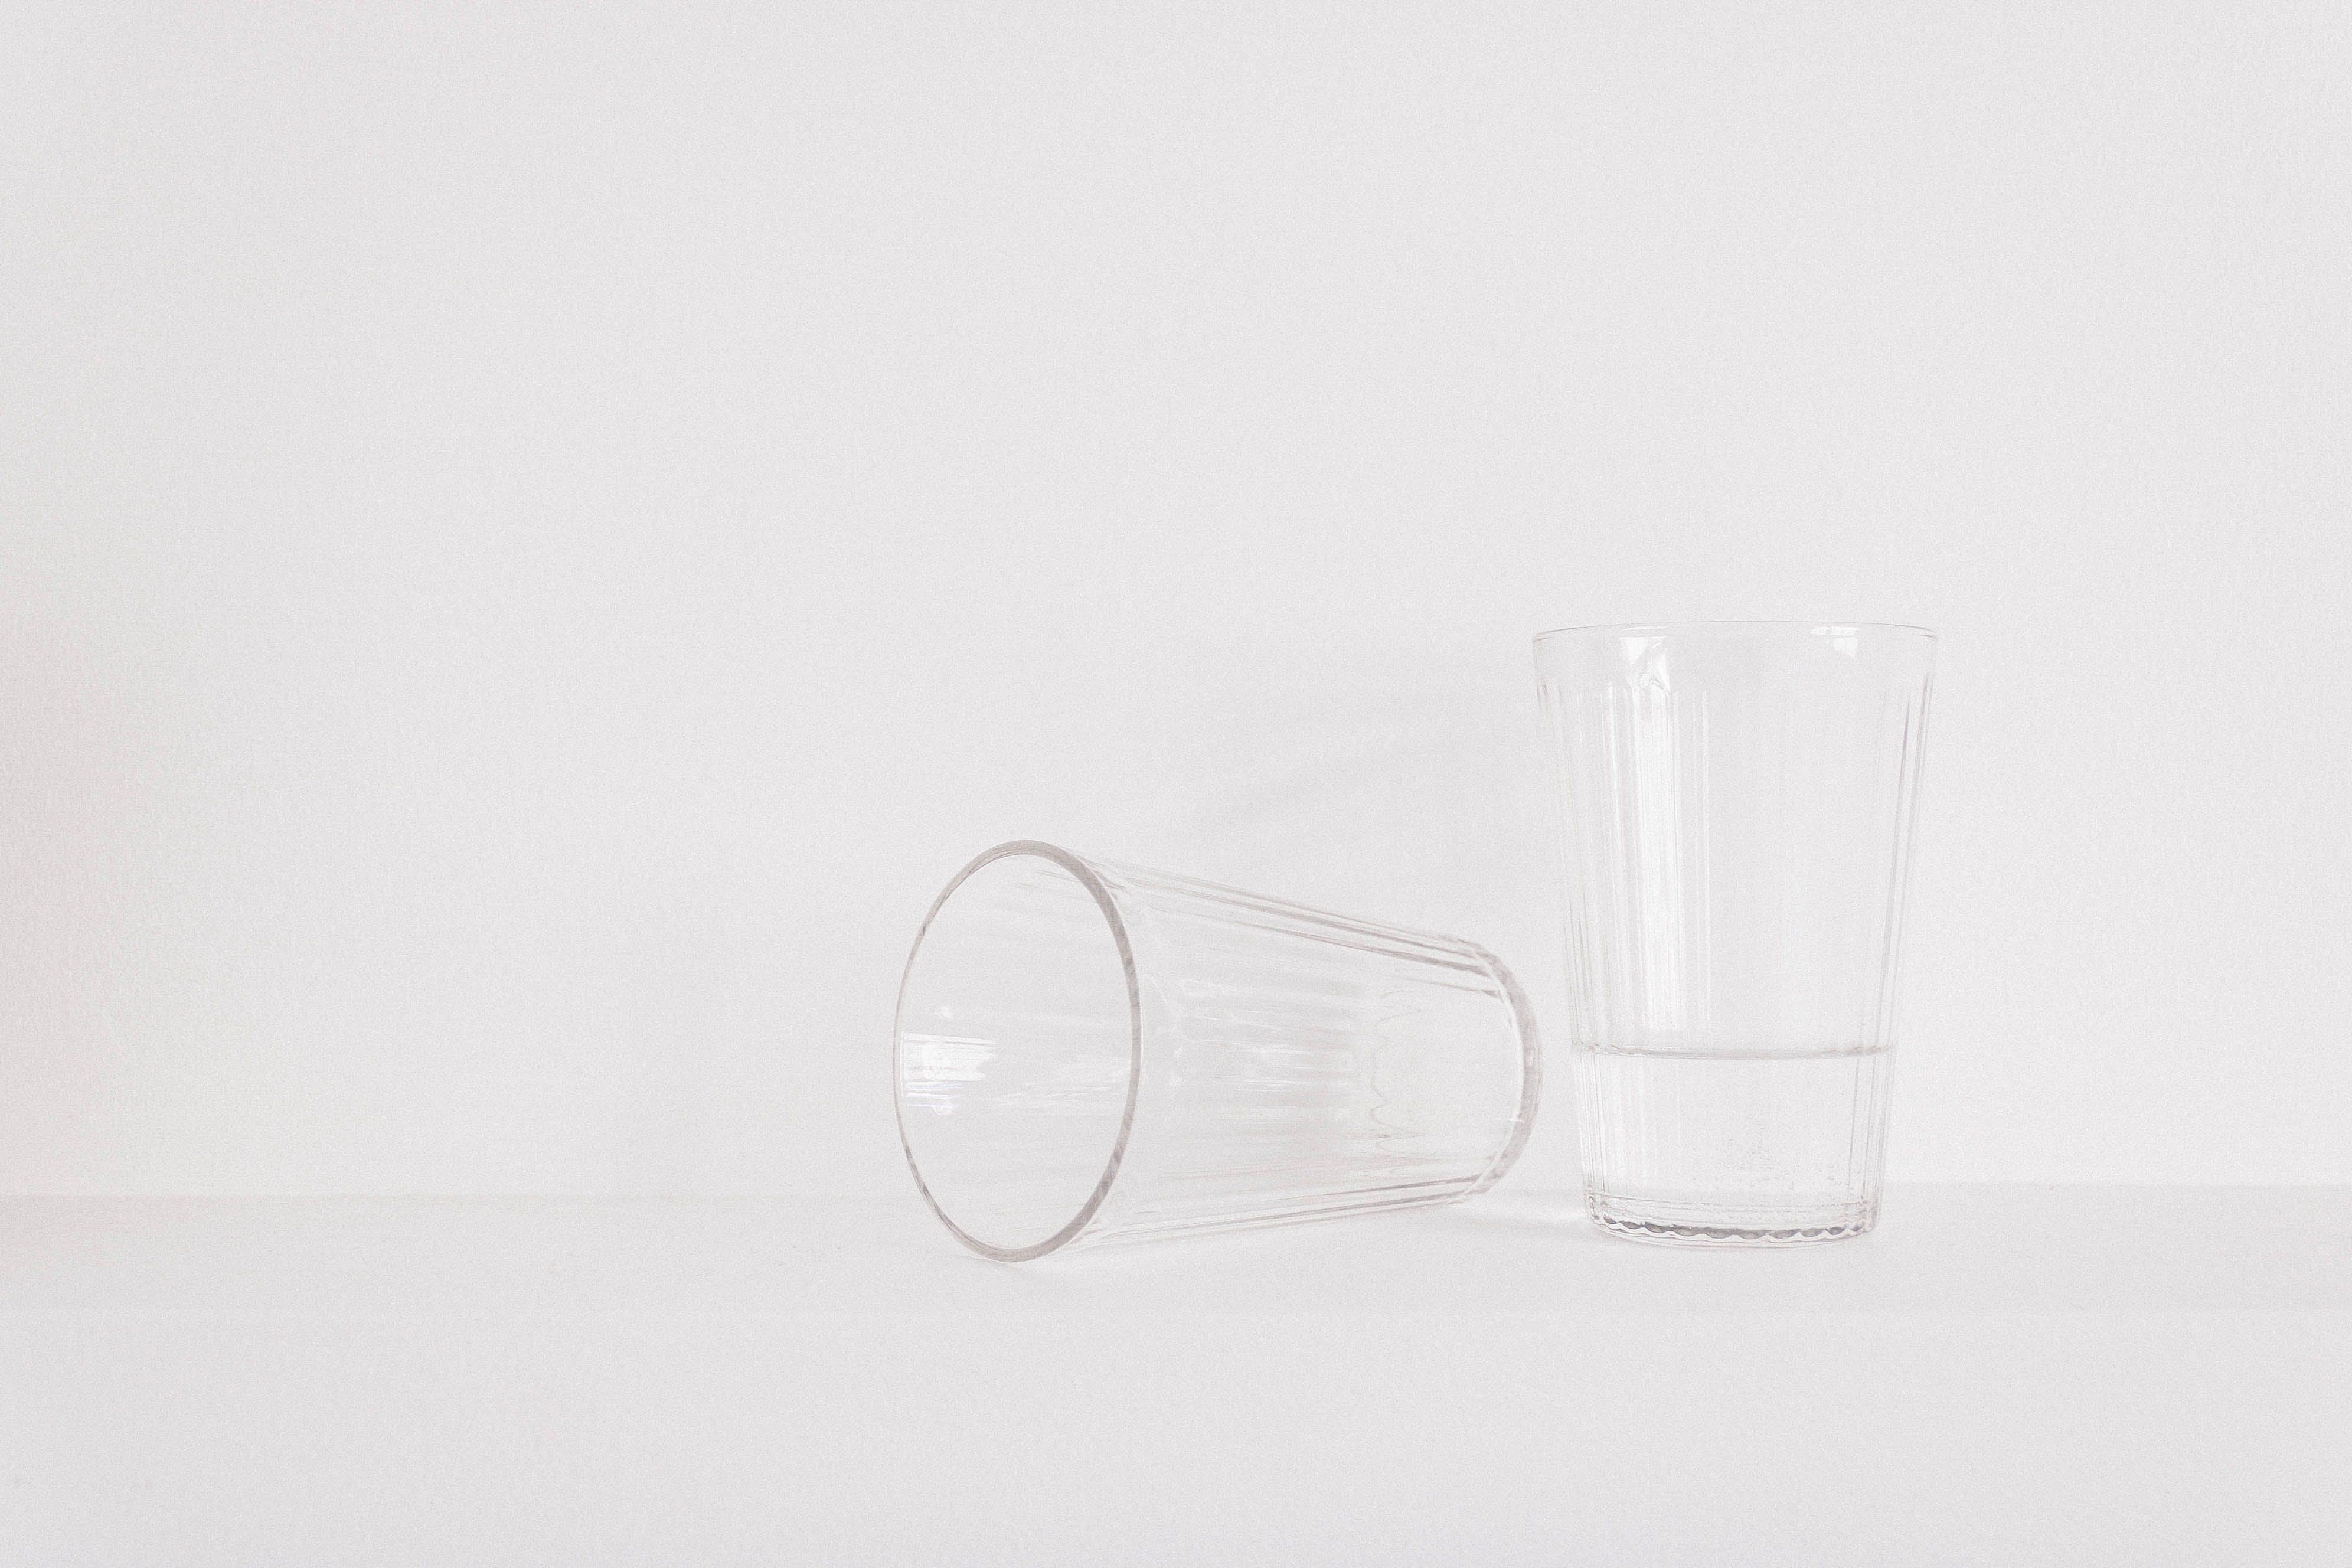 Kostenloses Stock Foto zu wasser, getränk, glas, weiß